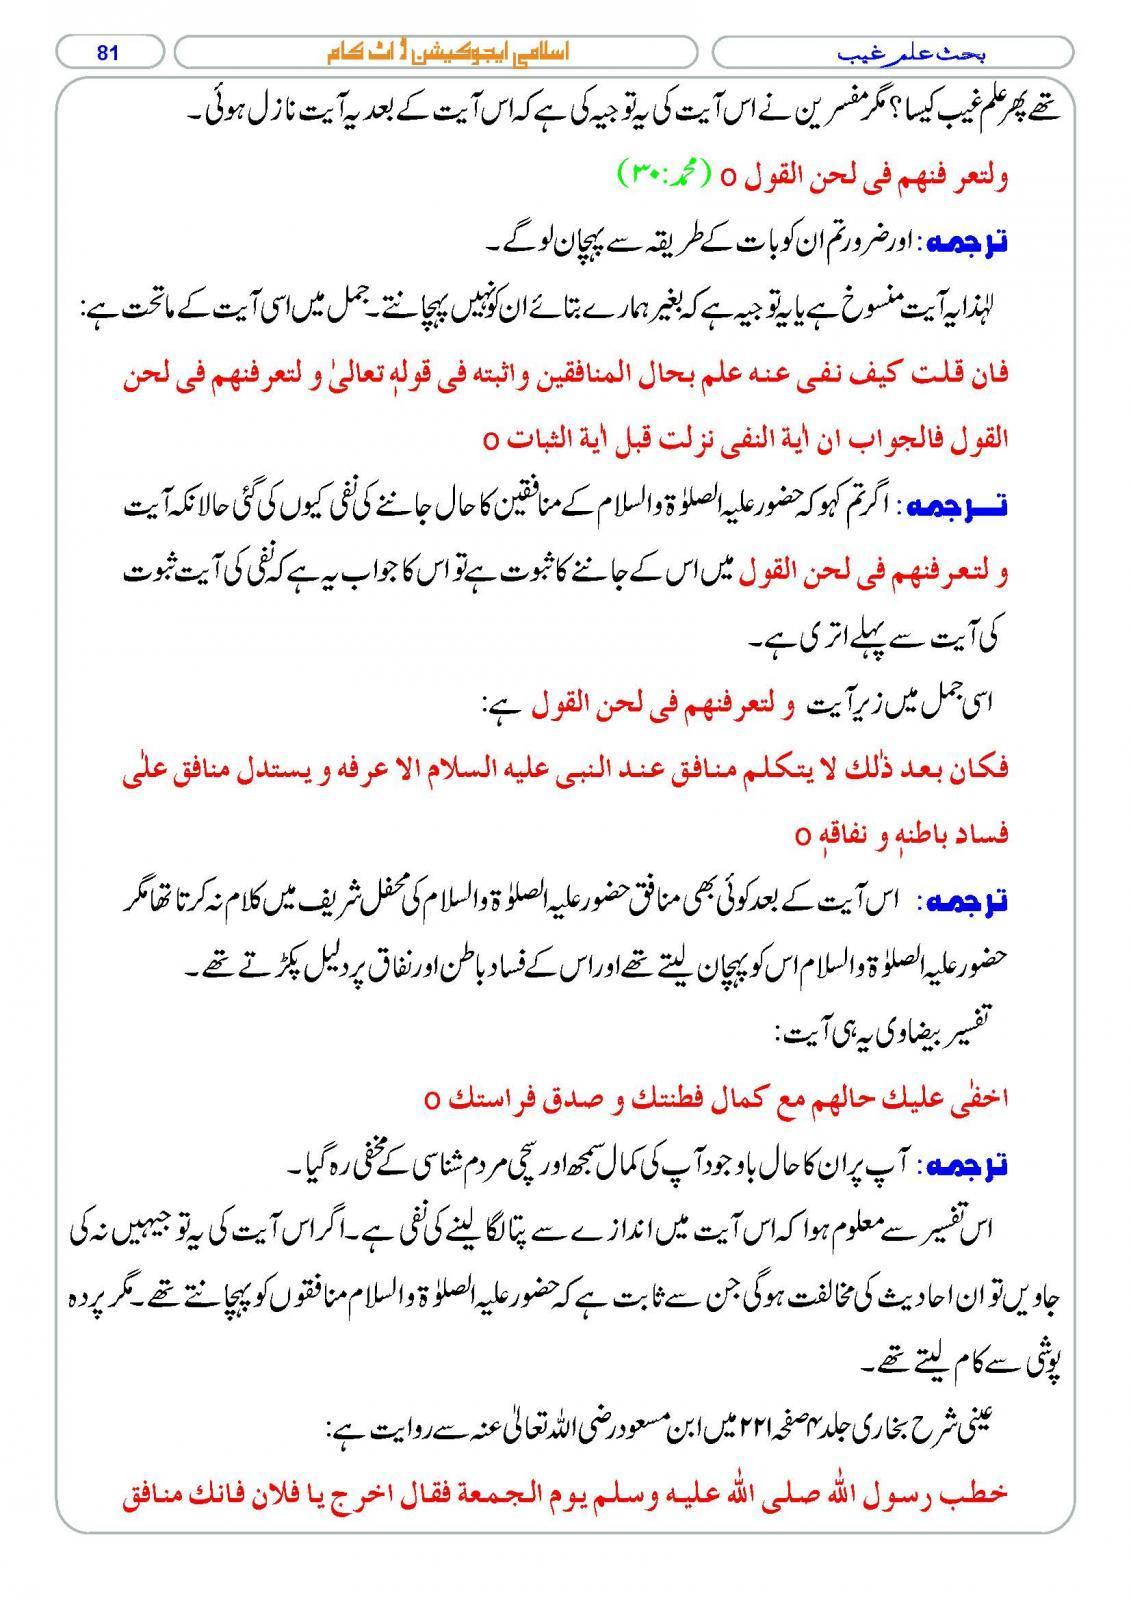 ja-alhaq-chap-02-ilm-e-ghaib_Page_081.jpg